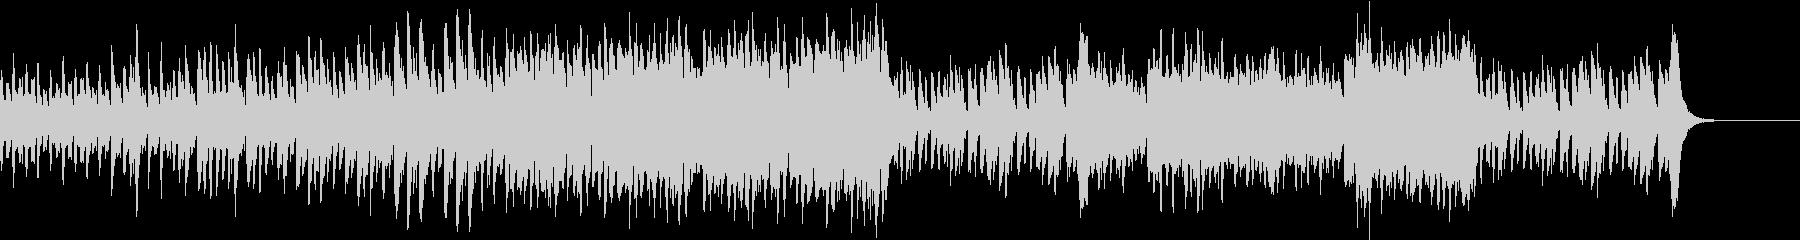 アラビアン ディズニー風 BGMの未再生の波形